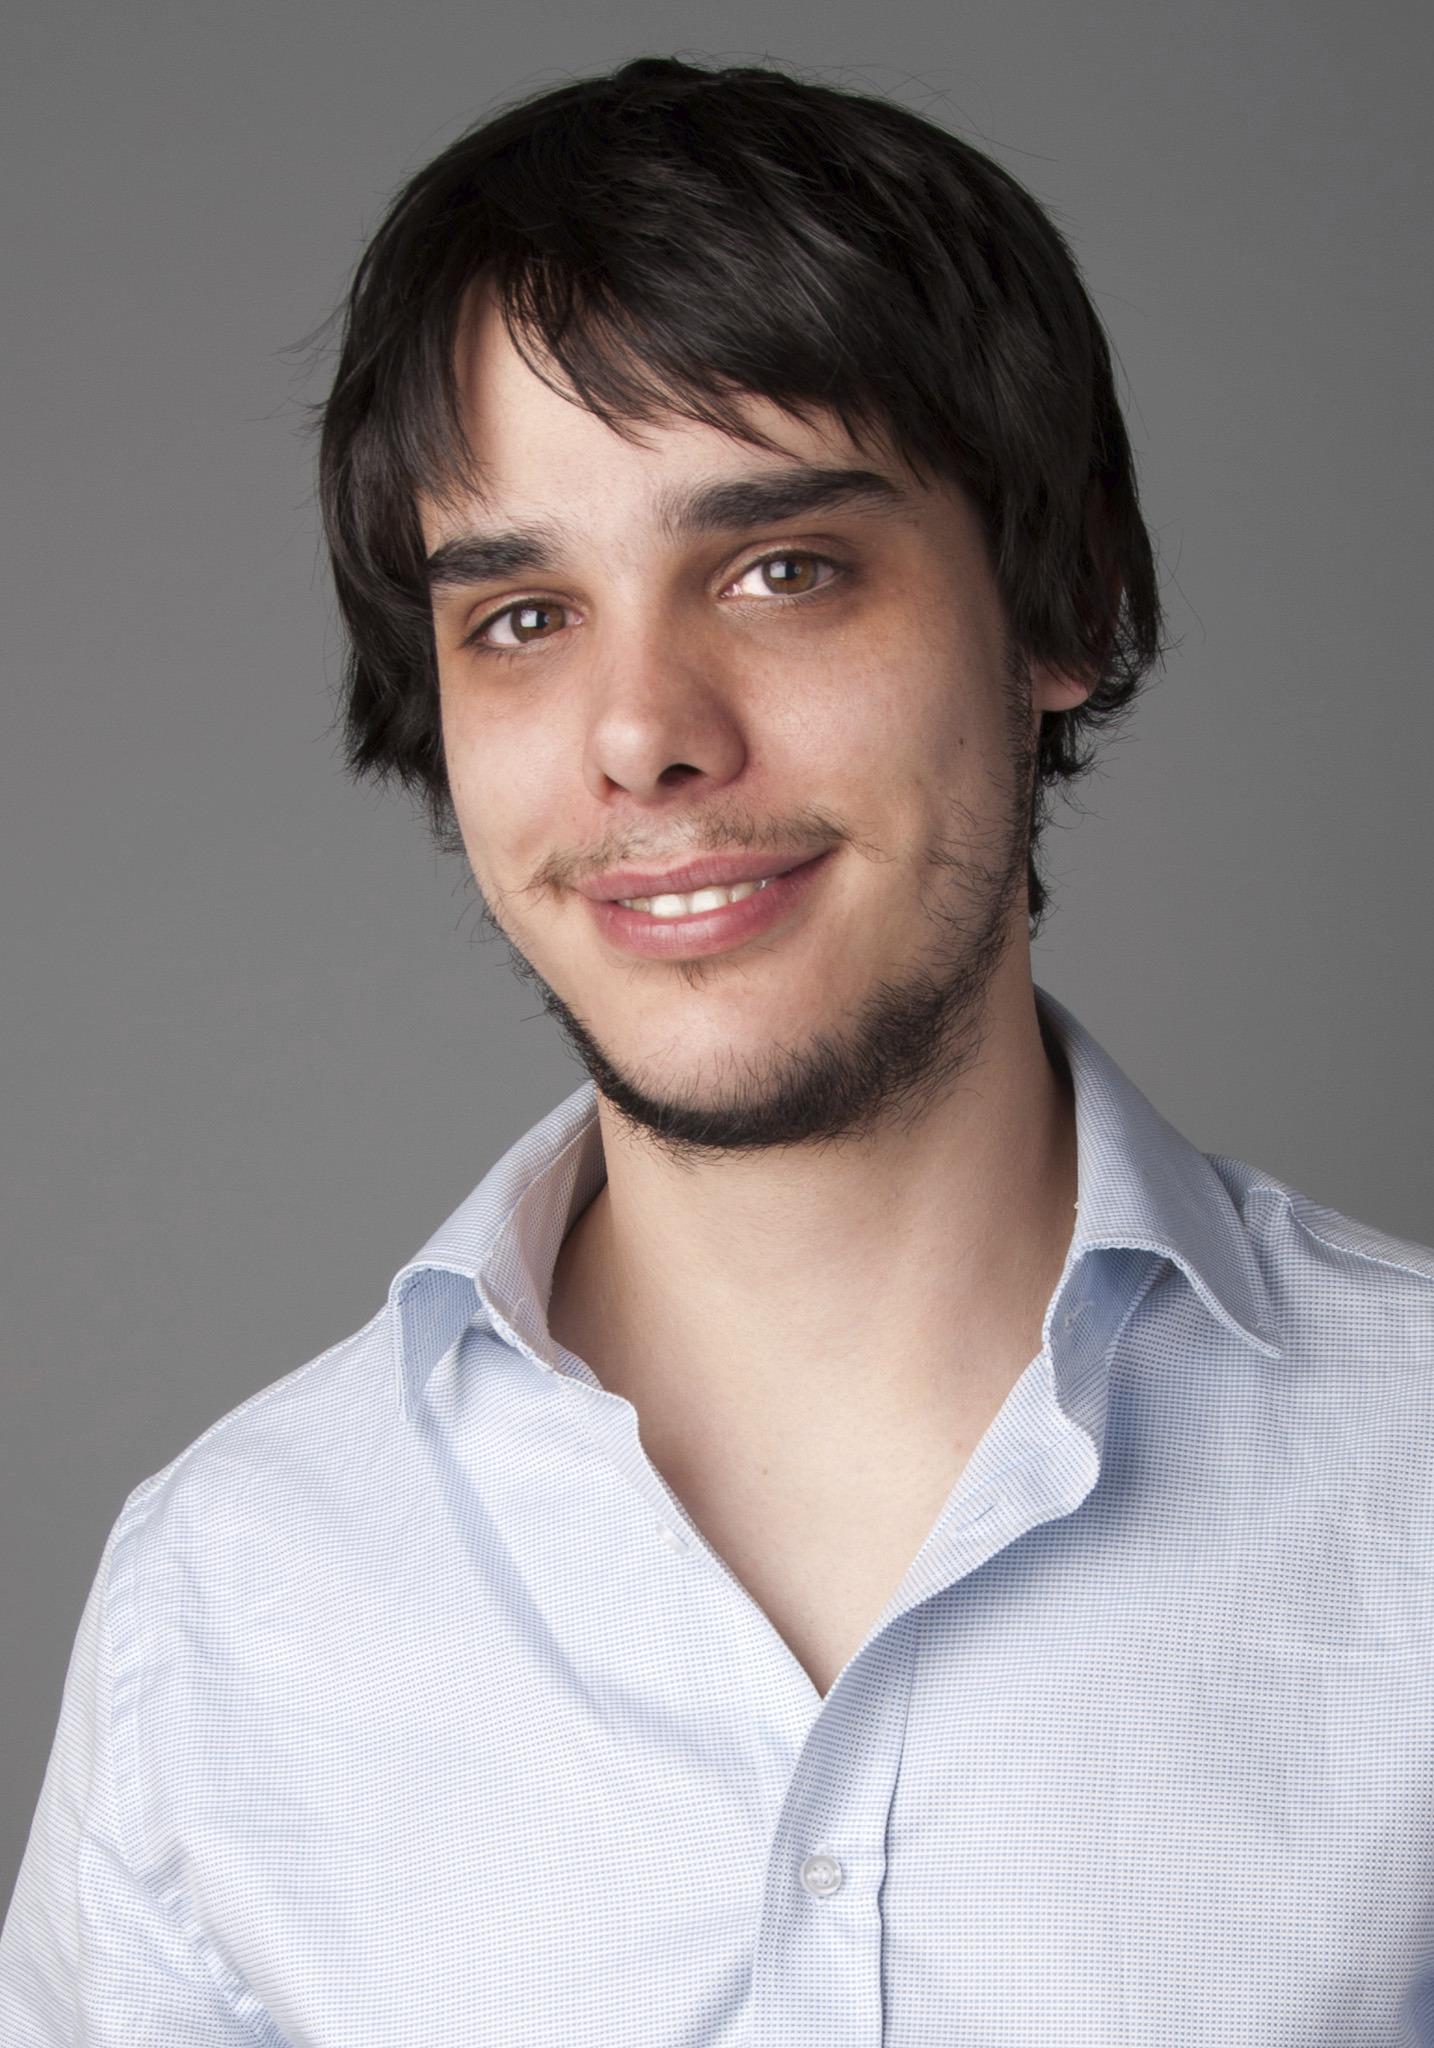 Jaime Blasco